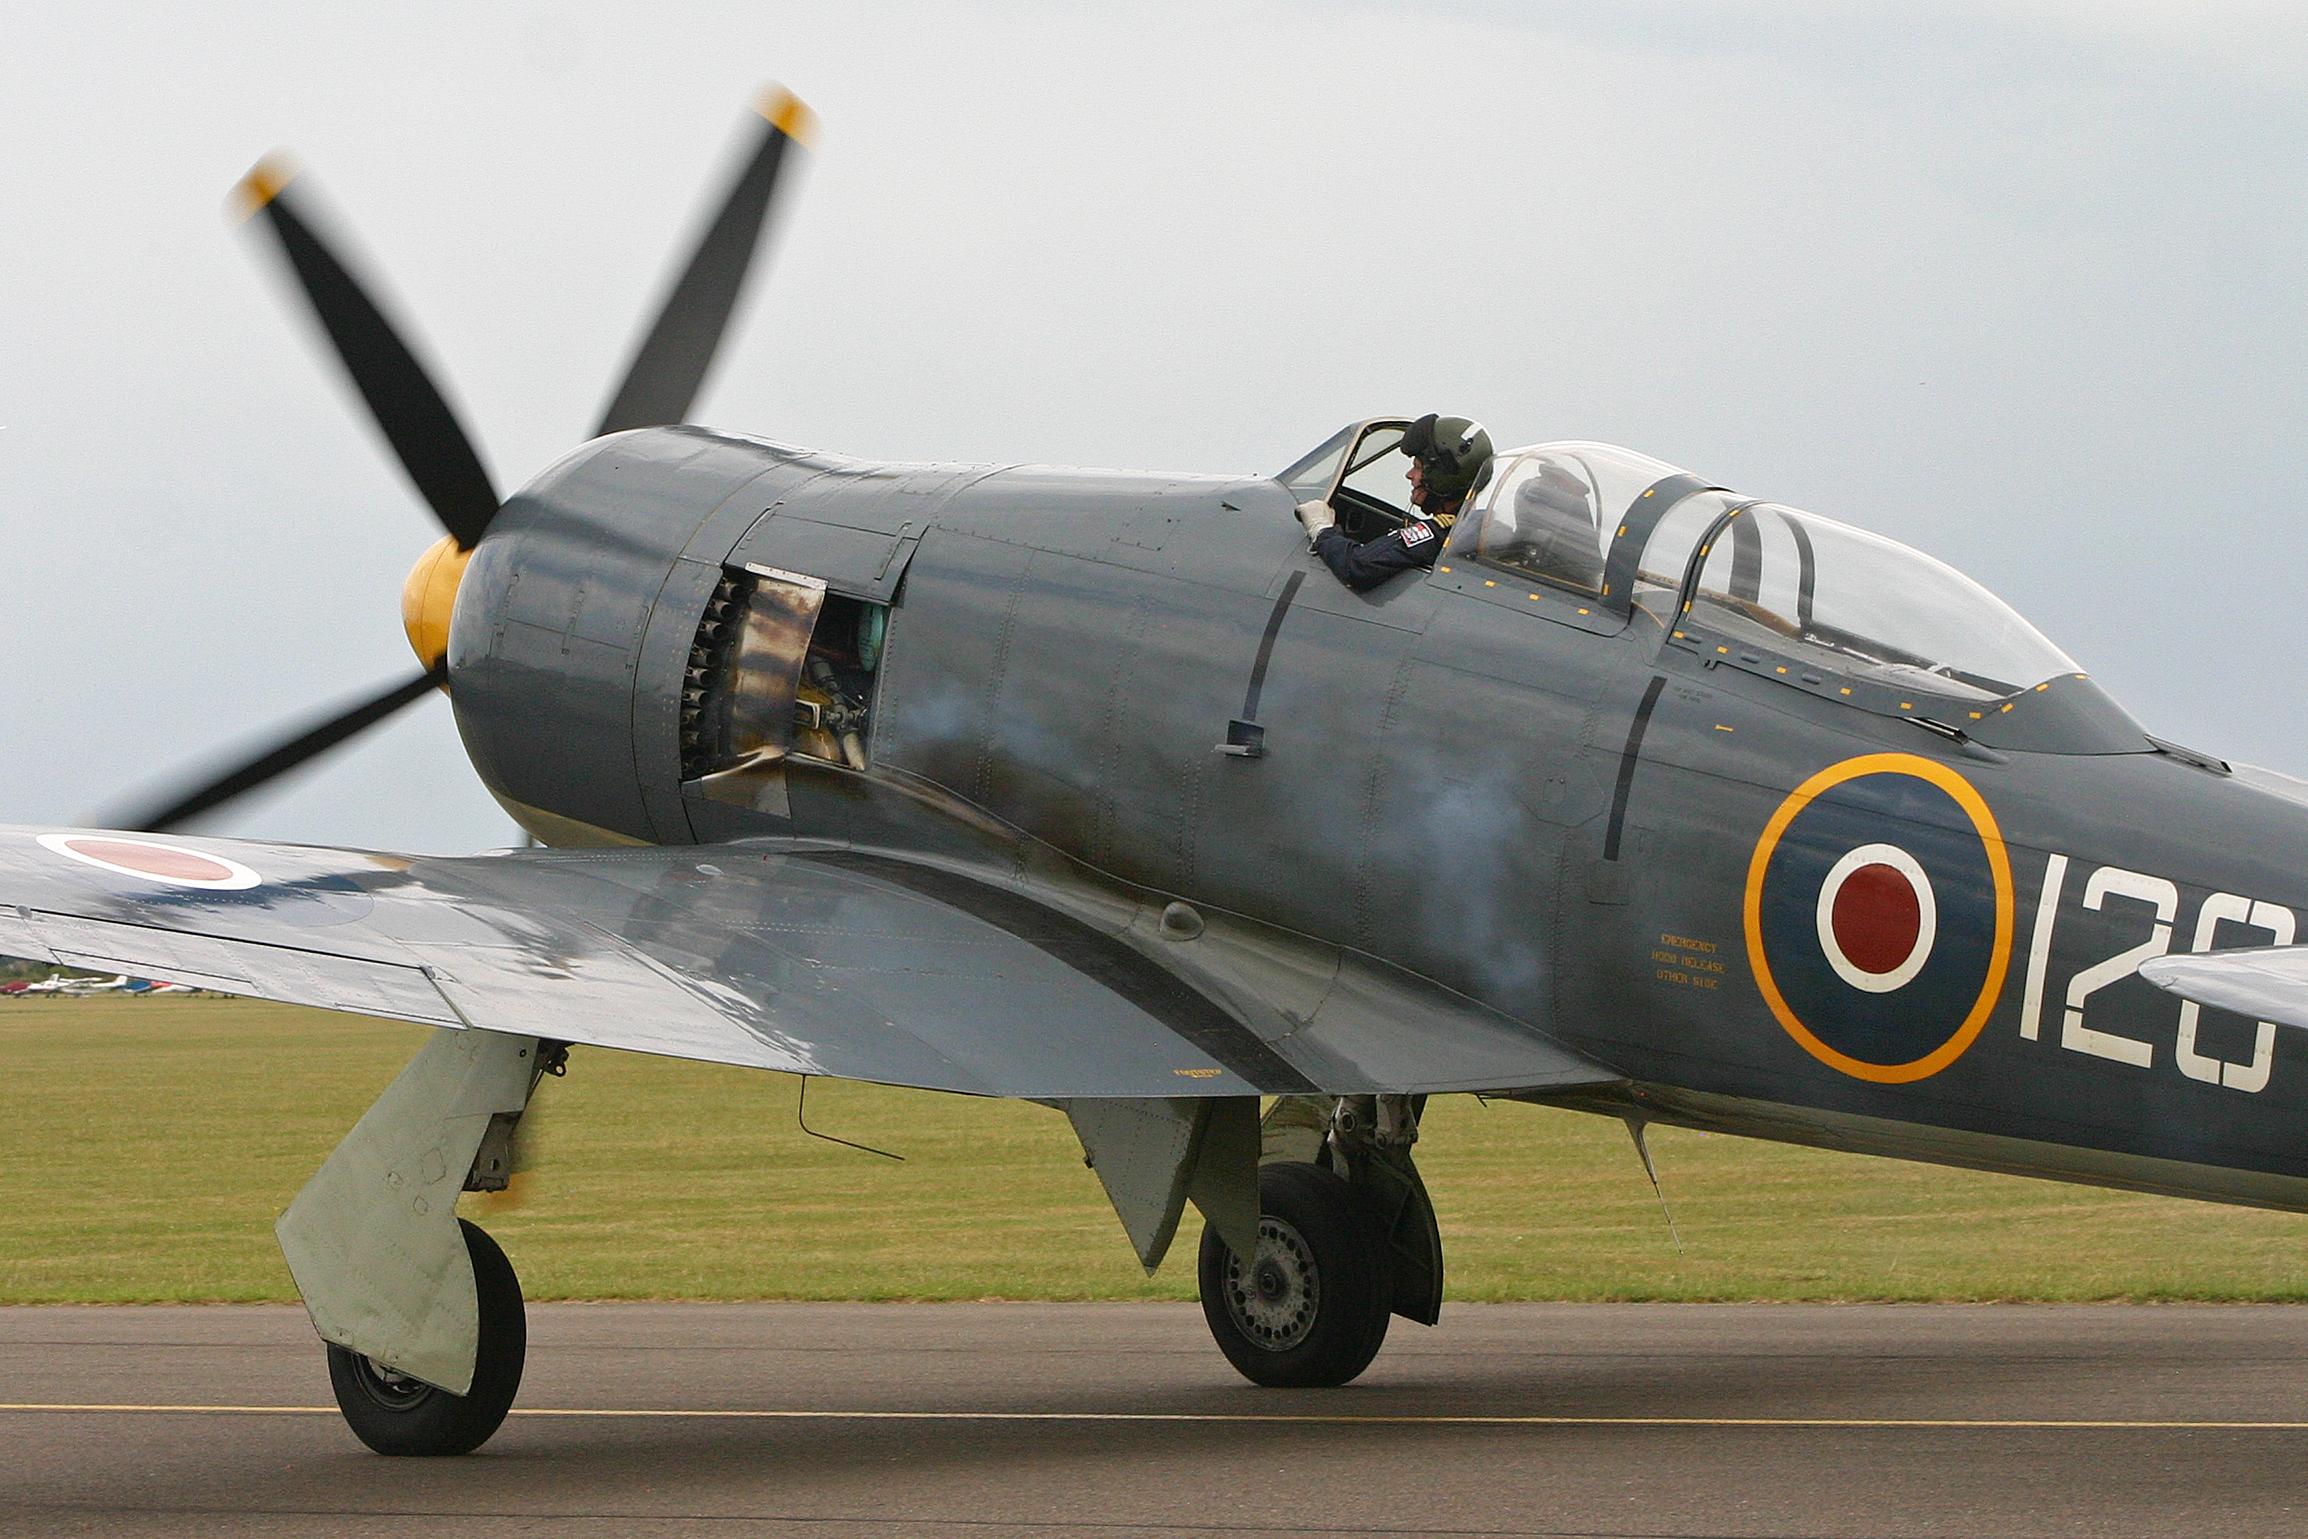 Hawker_Sea_Fury_T20_VX281_120-VL_(G-RNHF